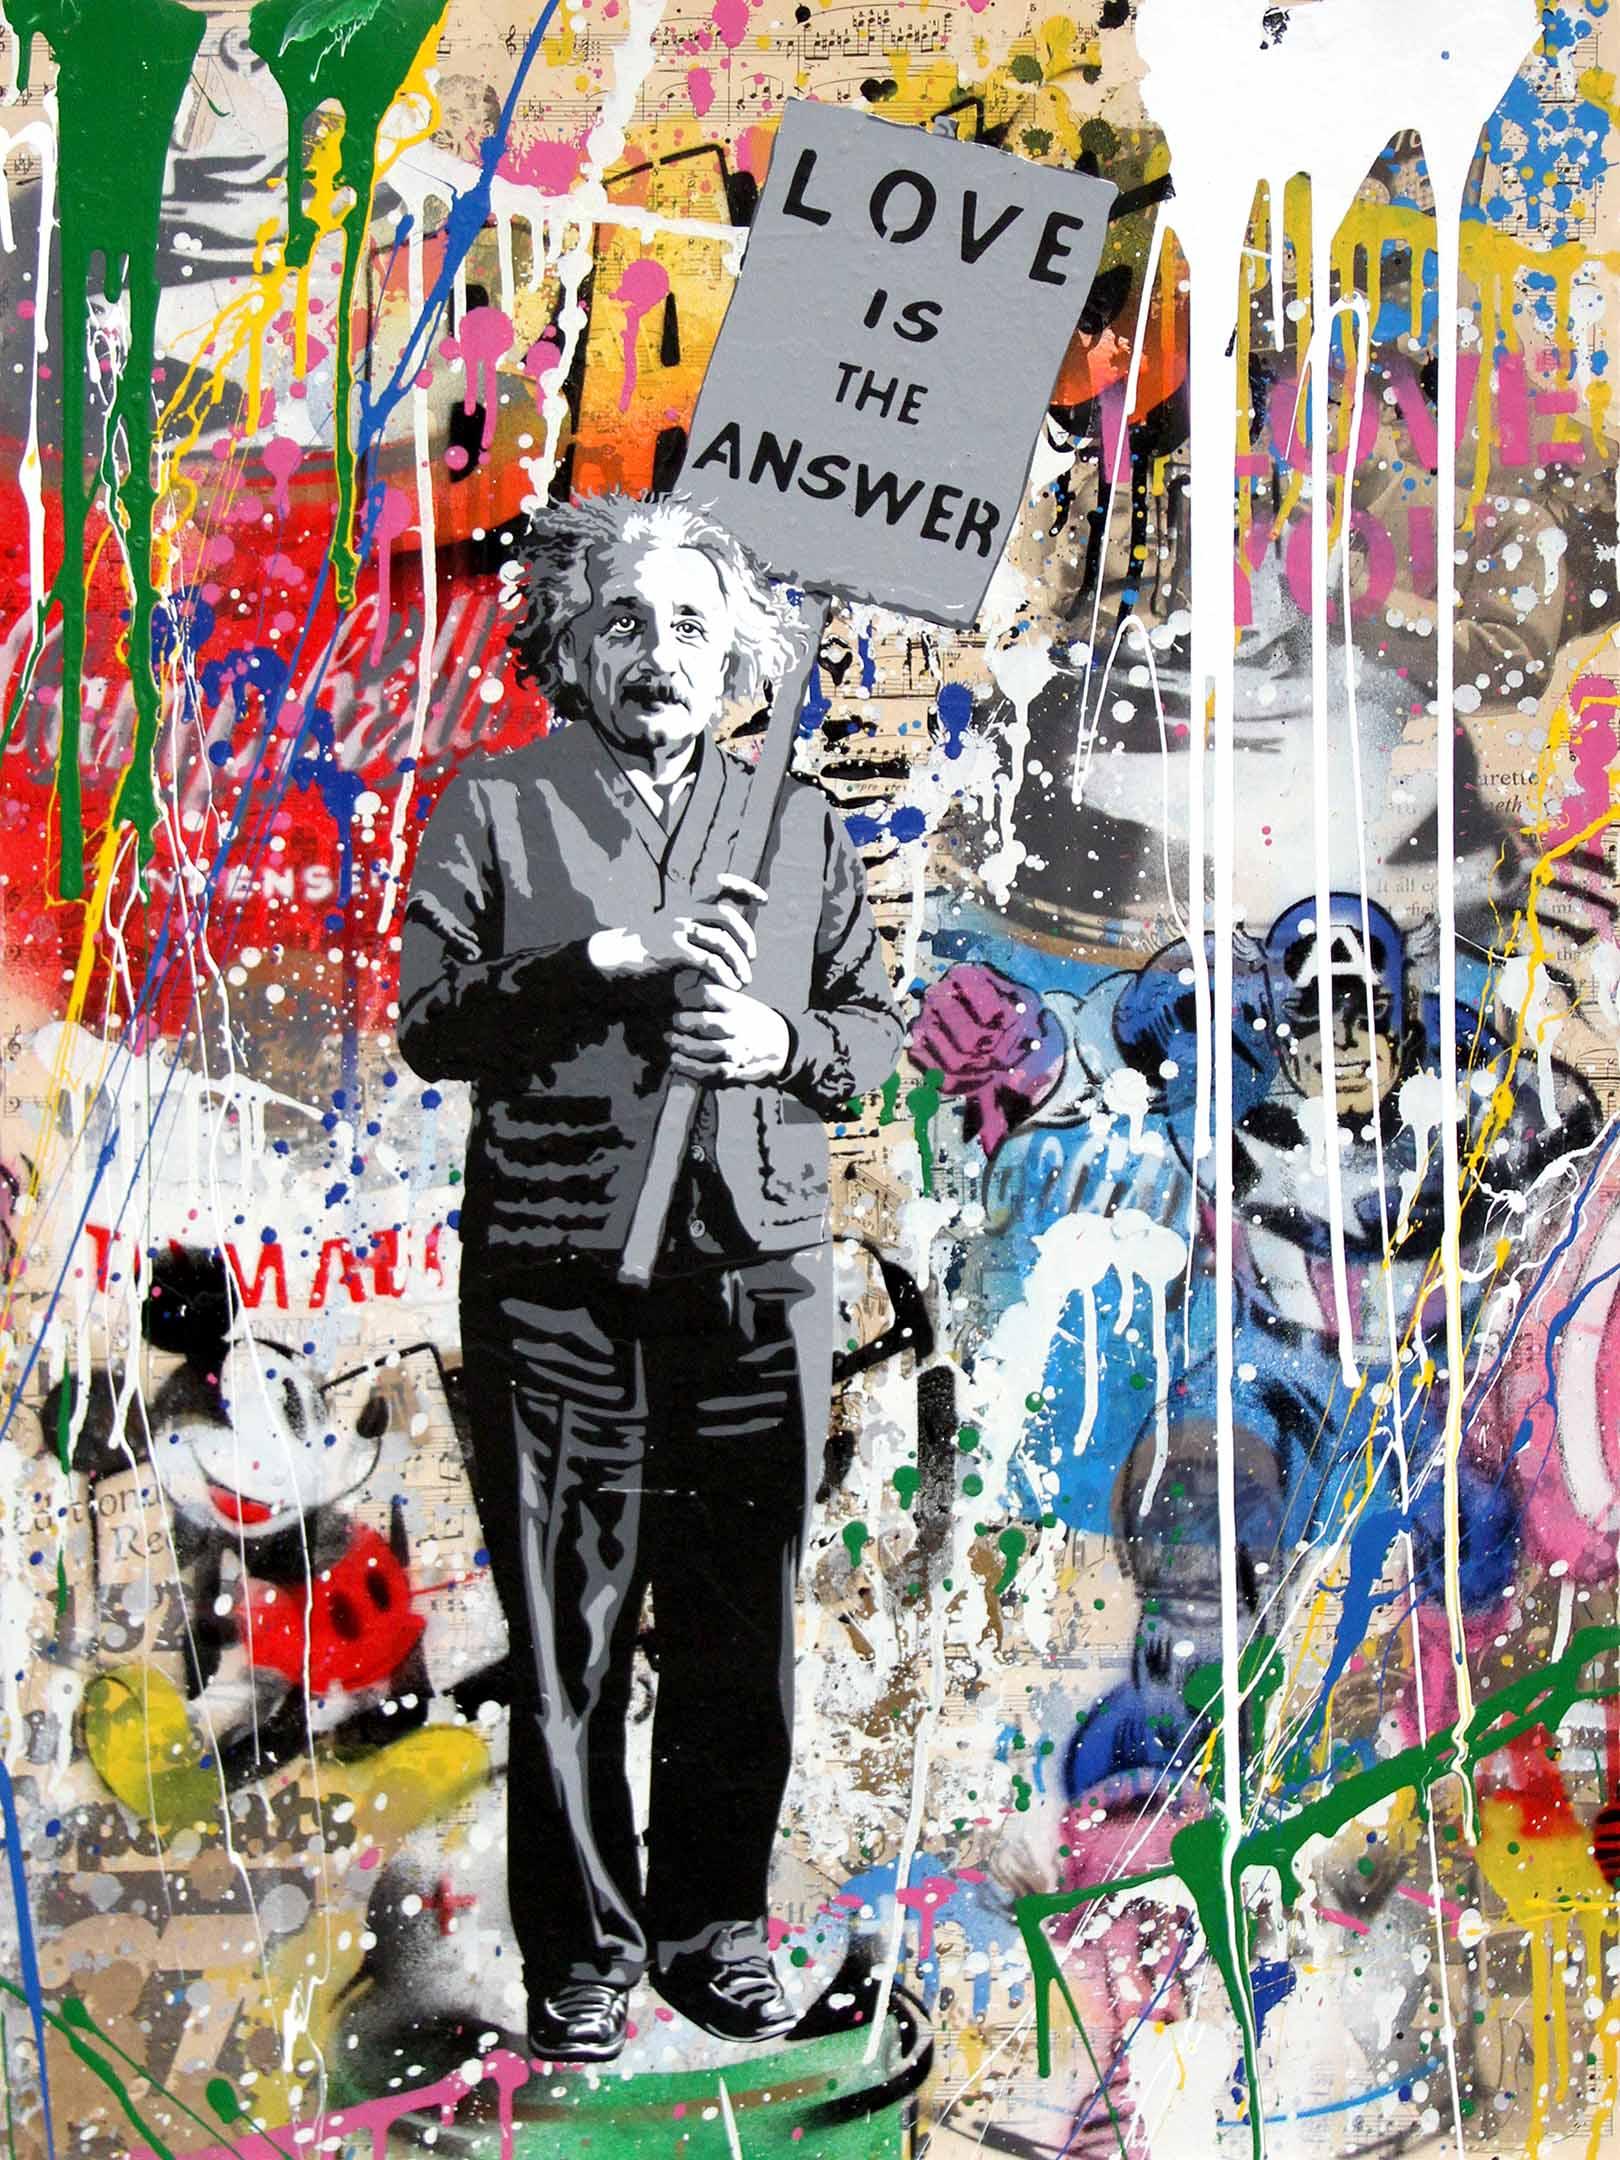 Image: Mr. Brainwash - Denis Bloch Fine Art